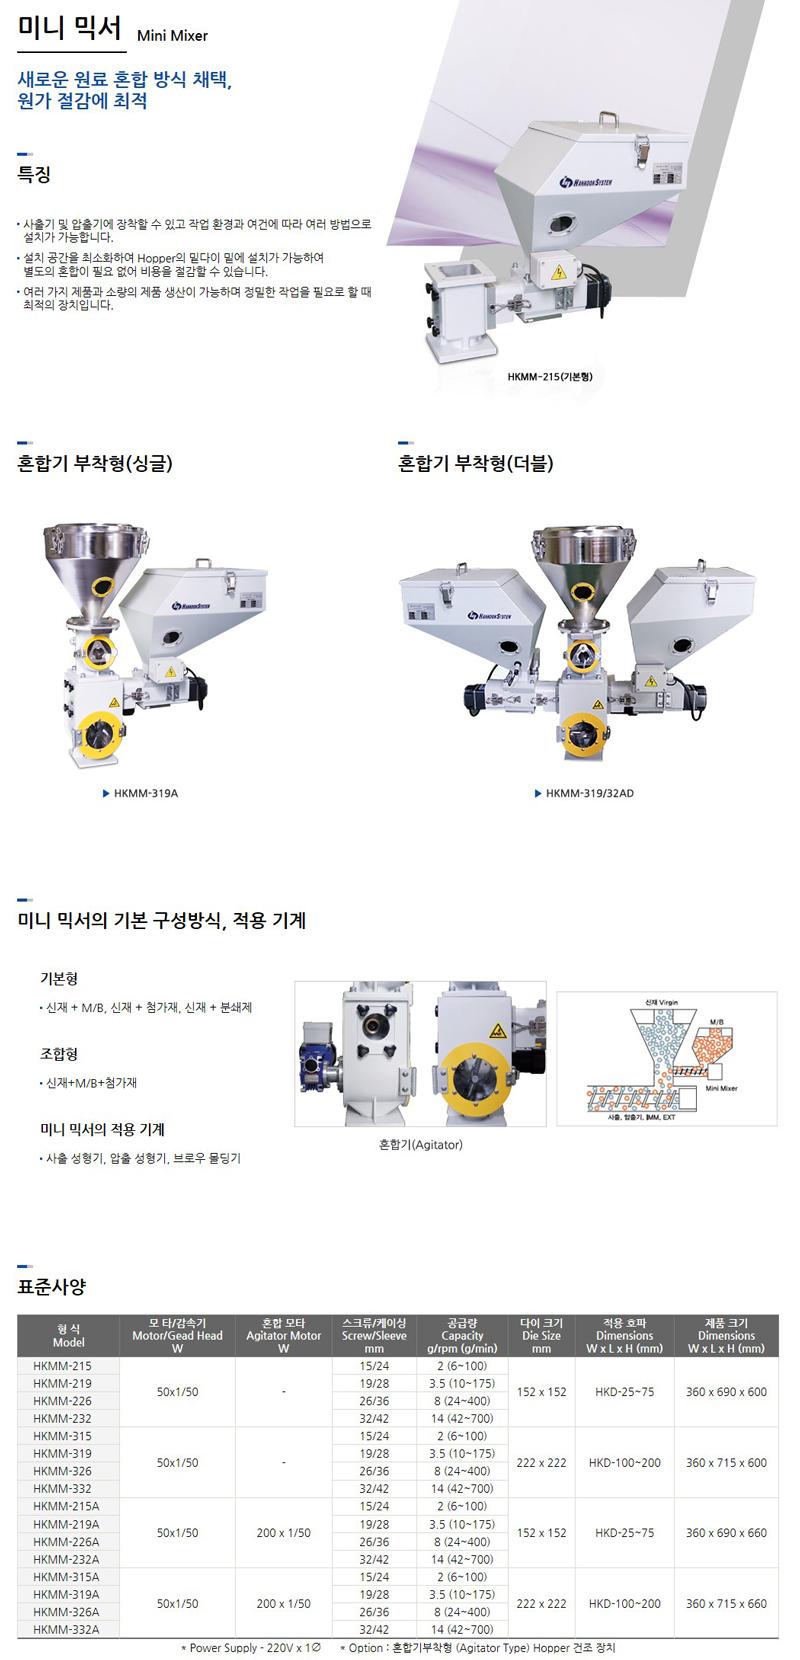 한국시스템(주) 미니 믹서